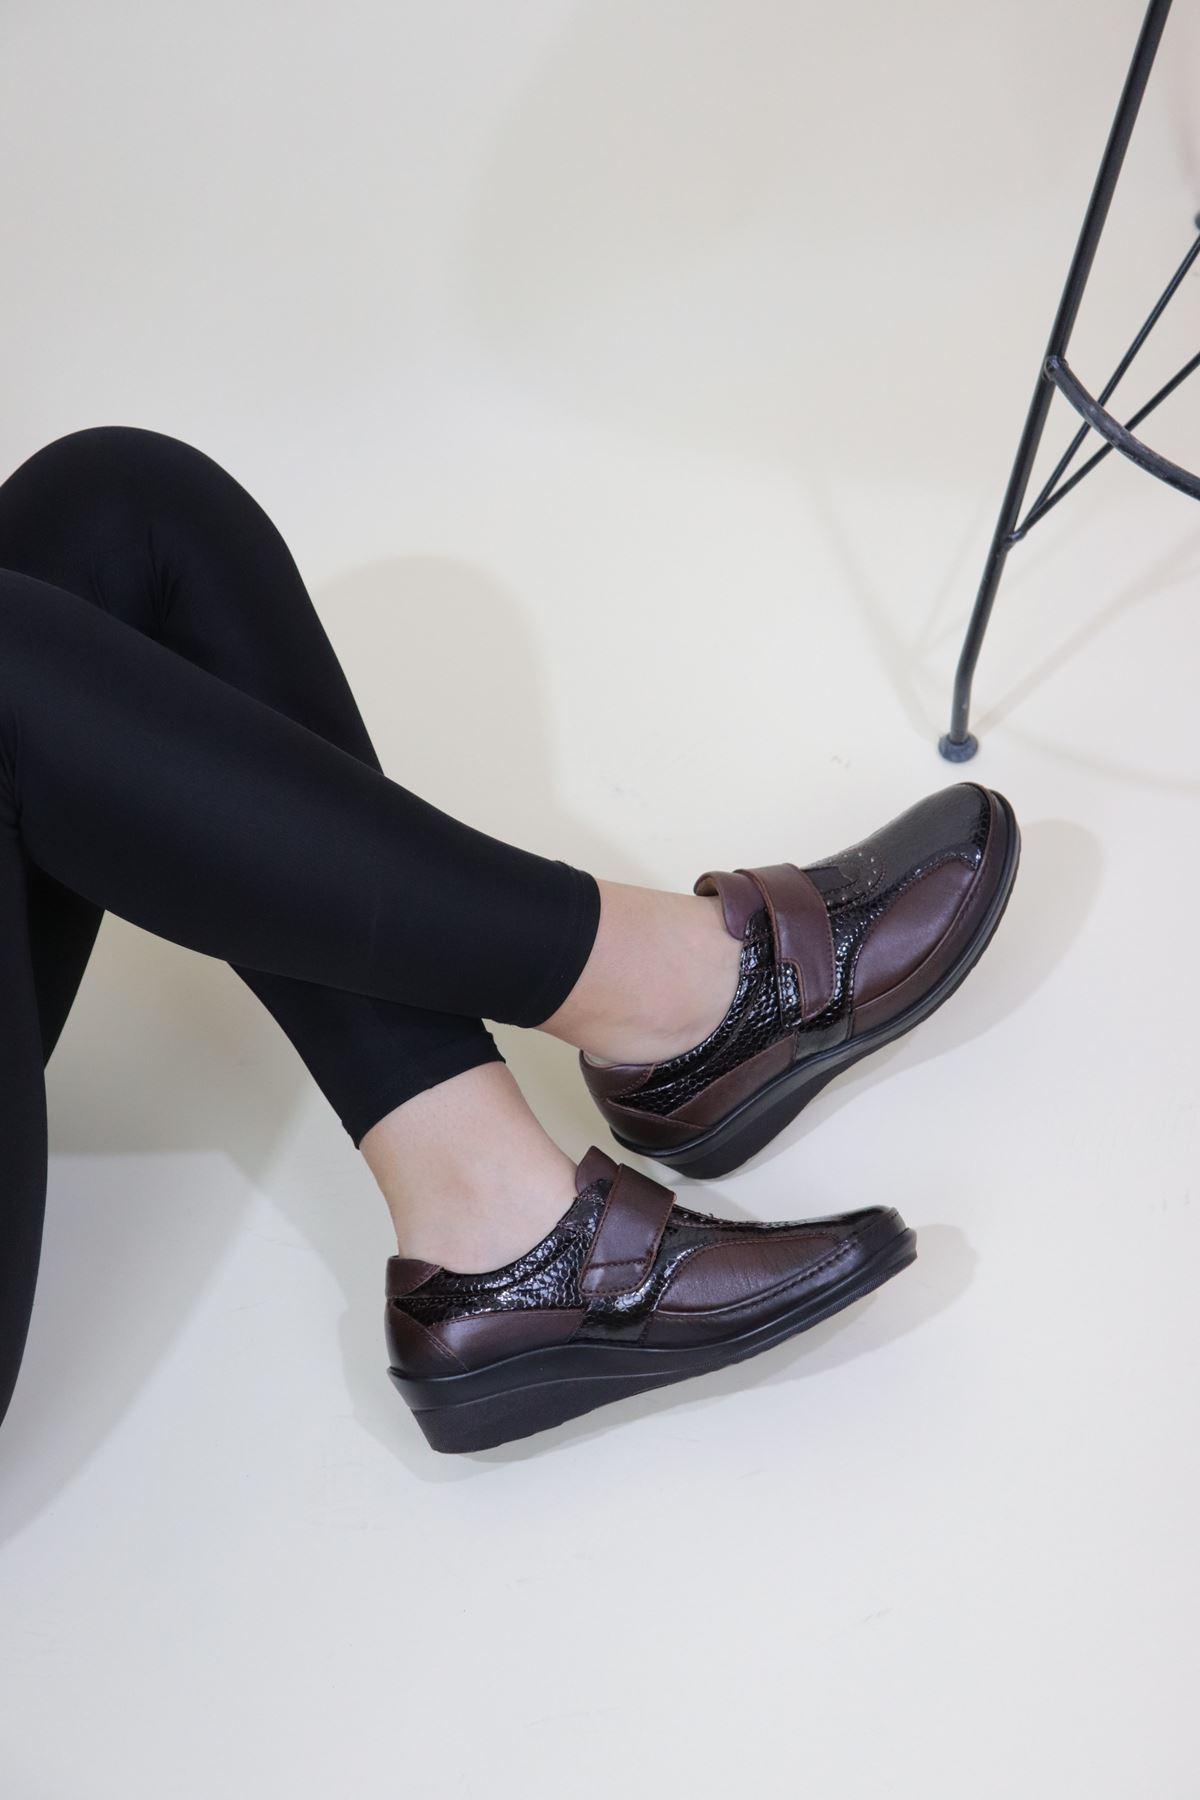 FORELLİ - 26213 Kahverengi Çırtlı Kadın Ortopedik Ayakkabı